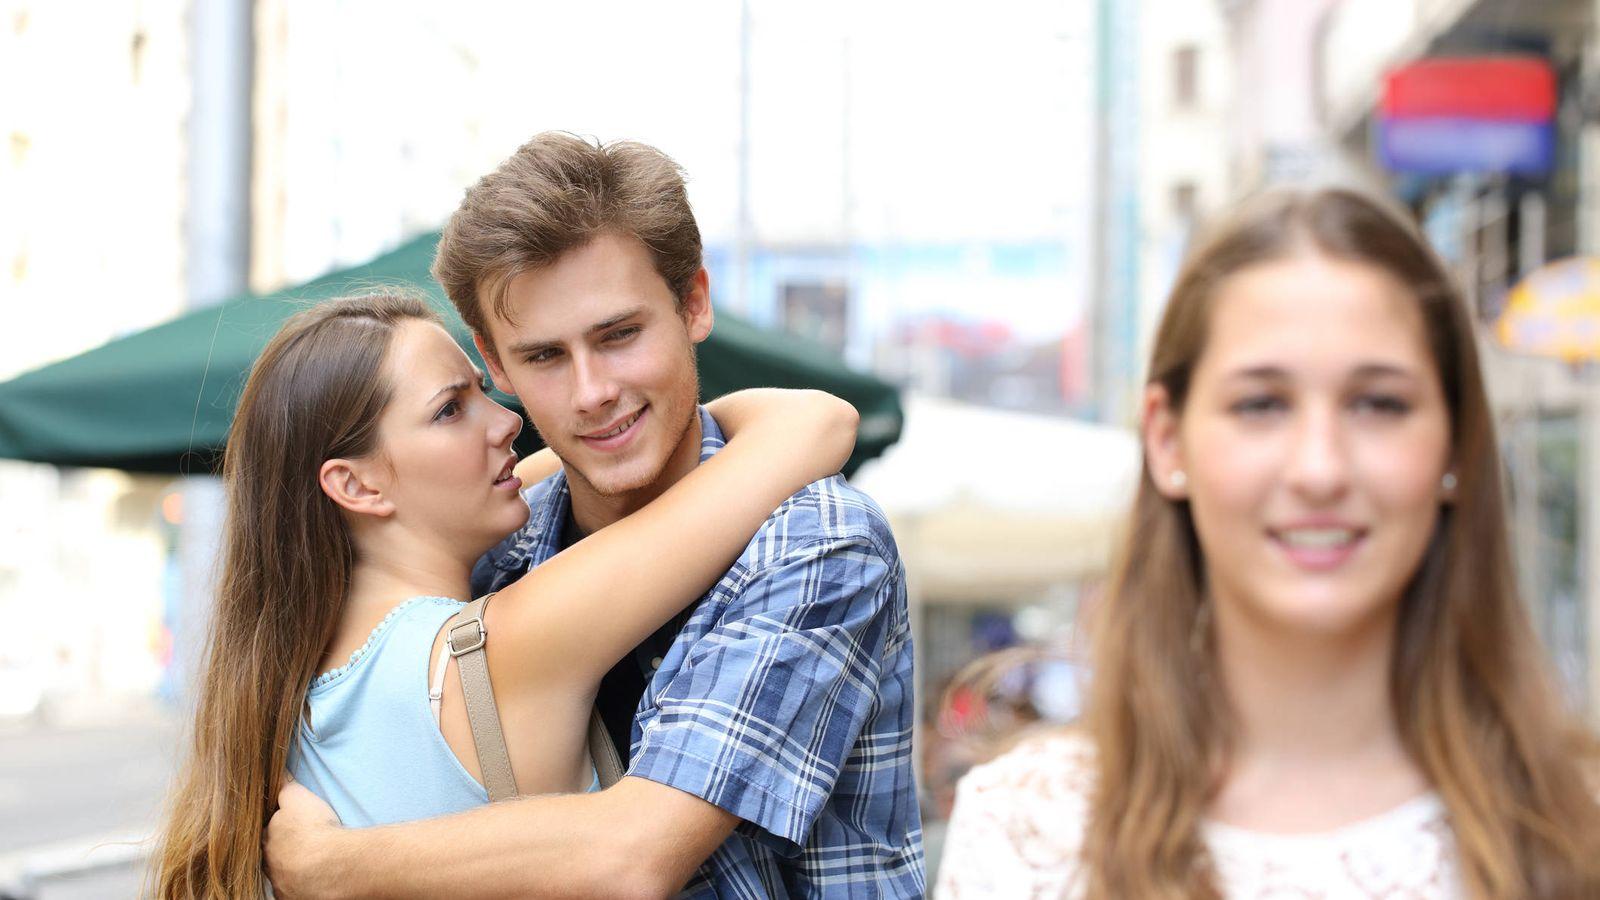 Resultado de imagen para novio con su novia mirando a otra mujer